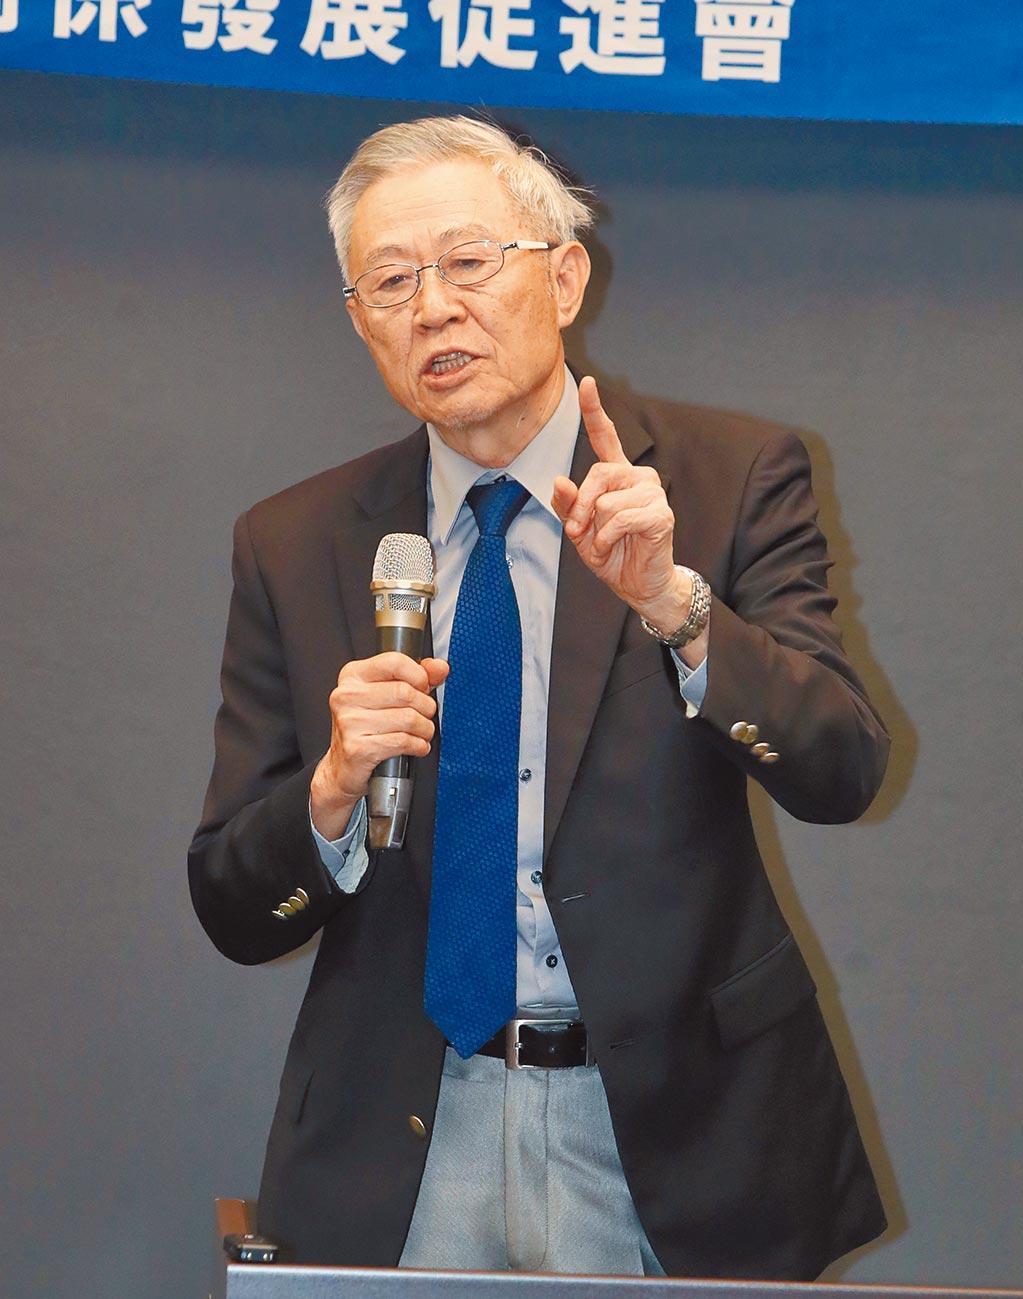 淡江大學大陸研究所榮譽教授趙春山。(本報資料照片)